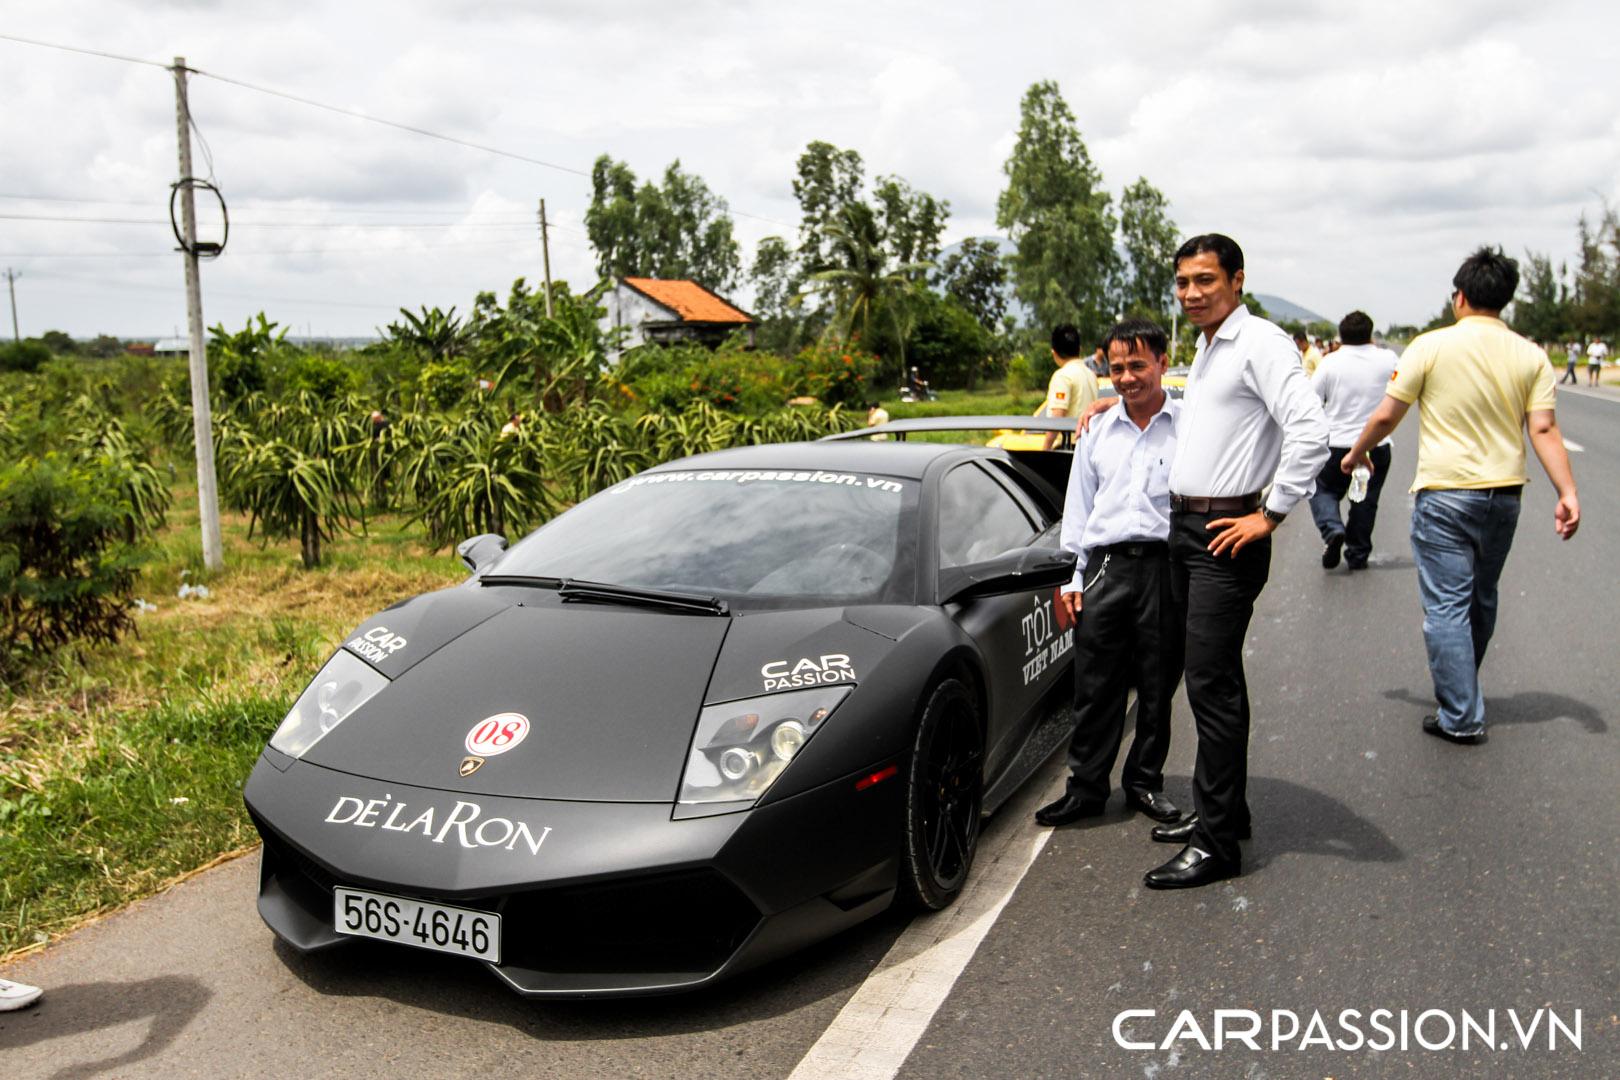 CP-Hành trình siêu xe CarPassion 2011 (158).jpg